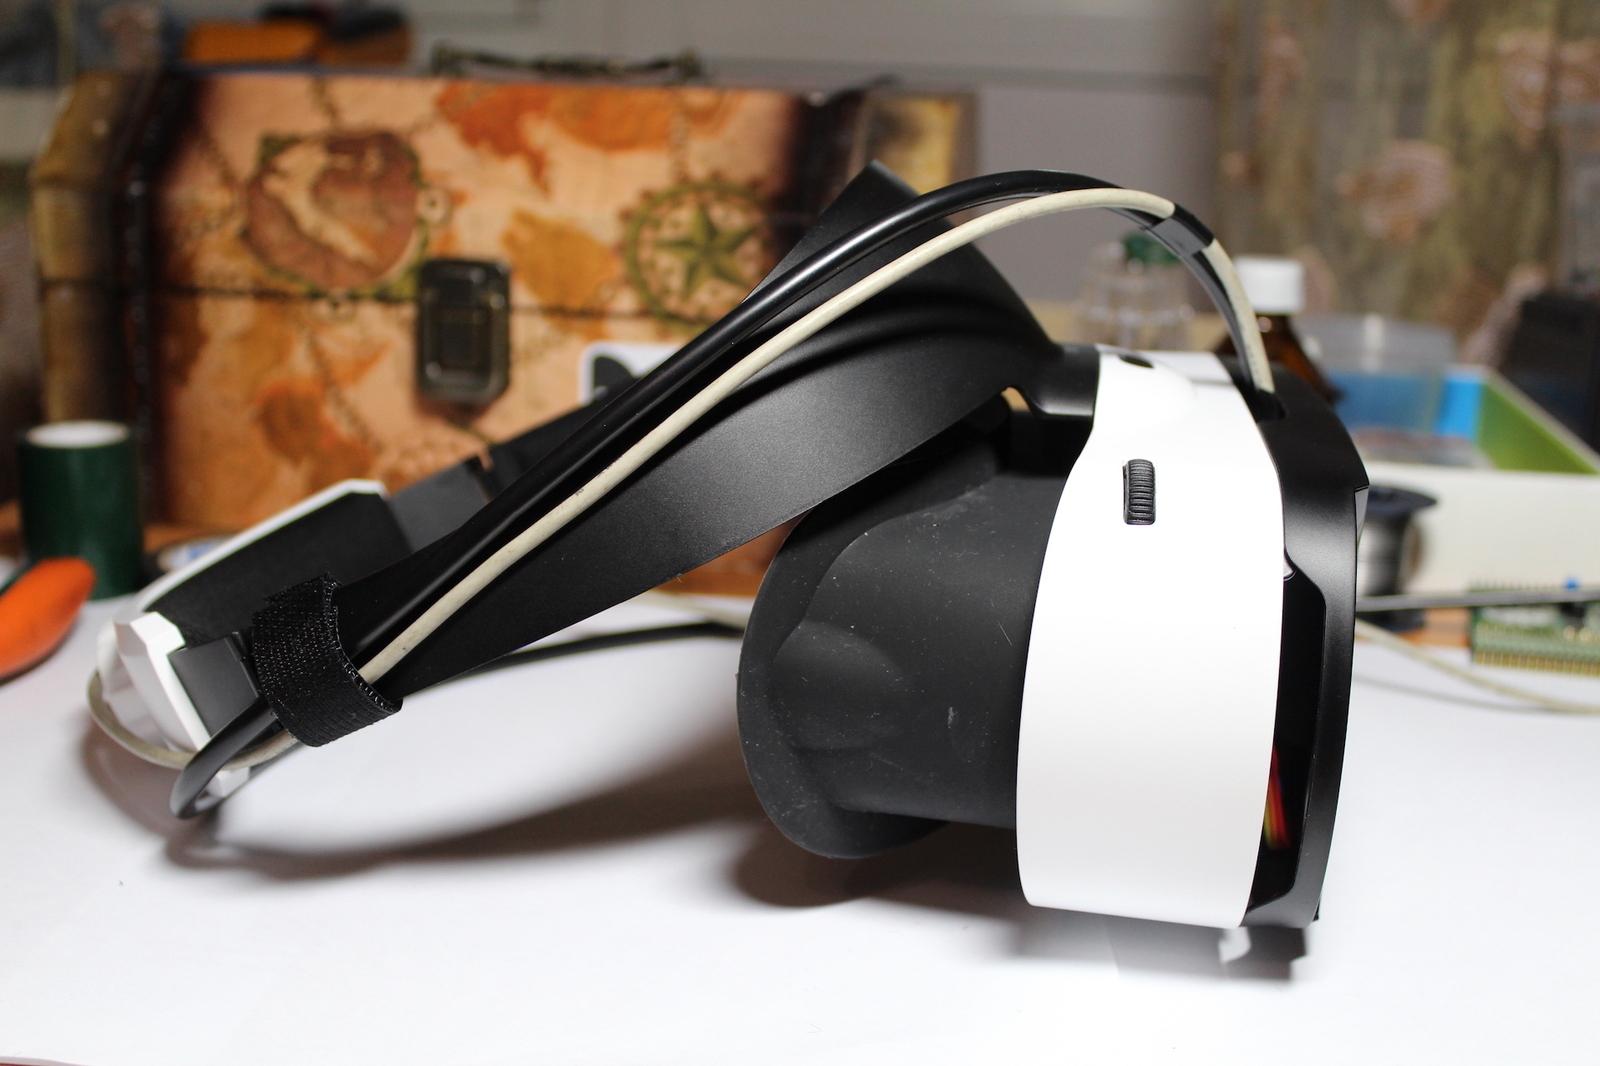 Какие очки виртуальной реальности лучше брать купить mavic pro наложенным платежом в орёл